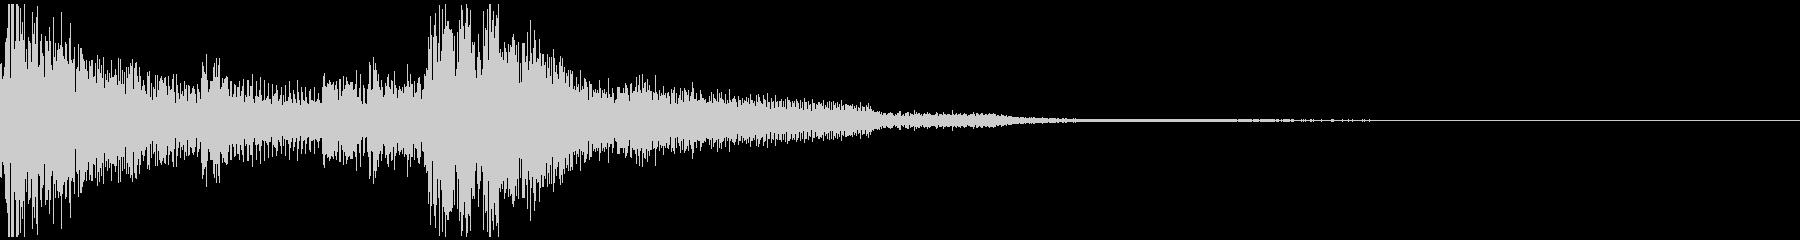 古典的なクリスマスキャロル、Wha...の未再生の波形